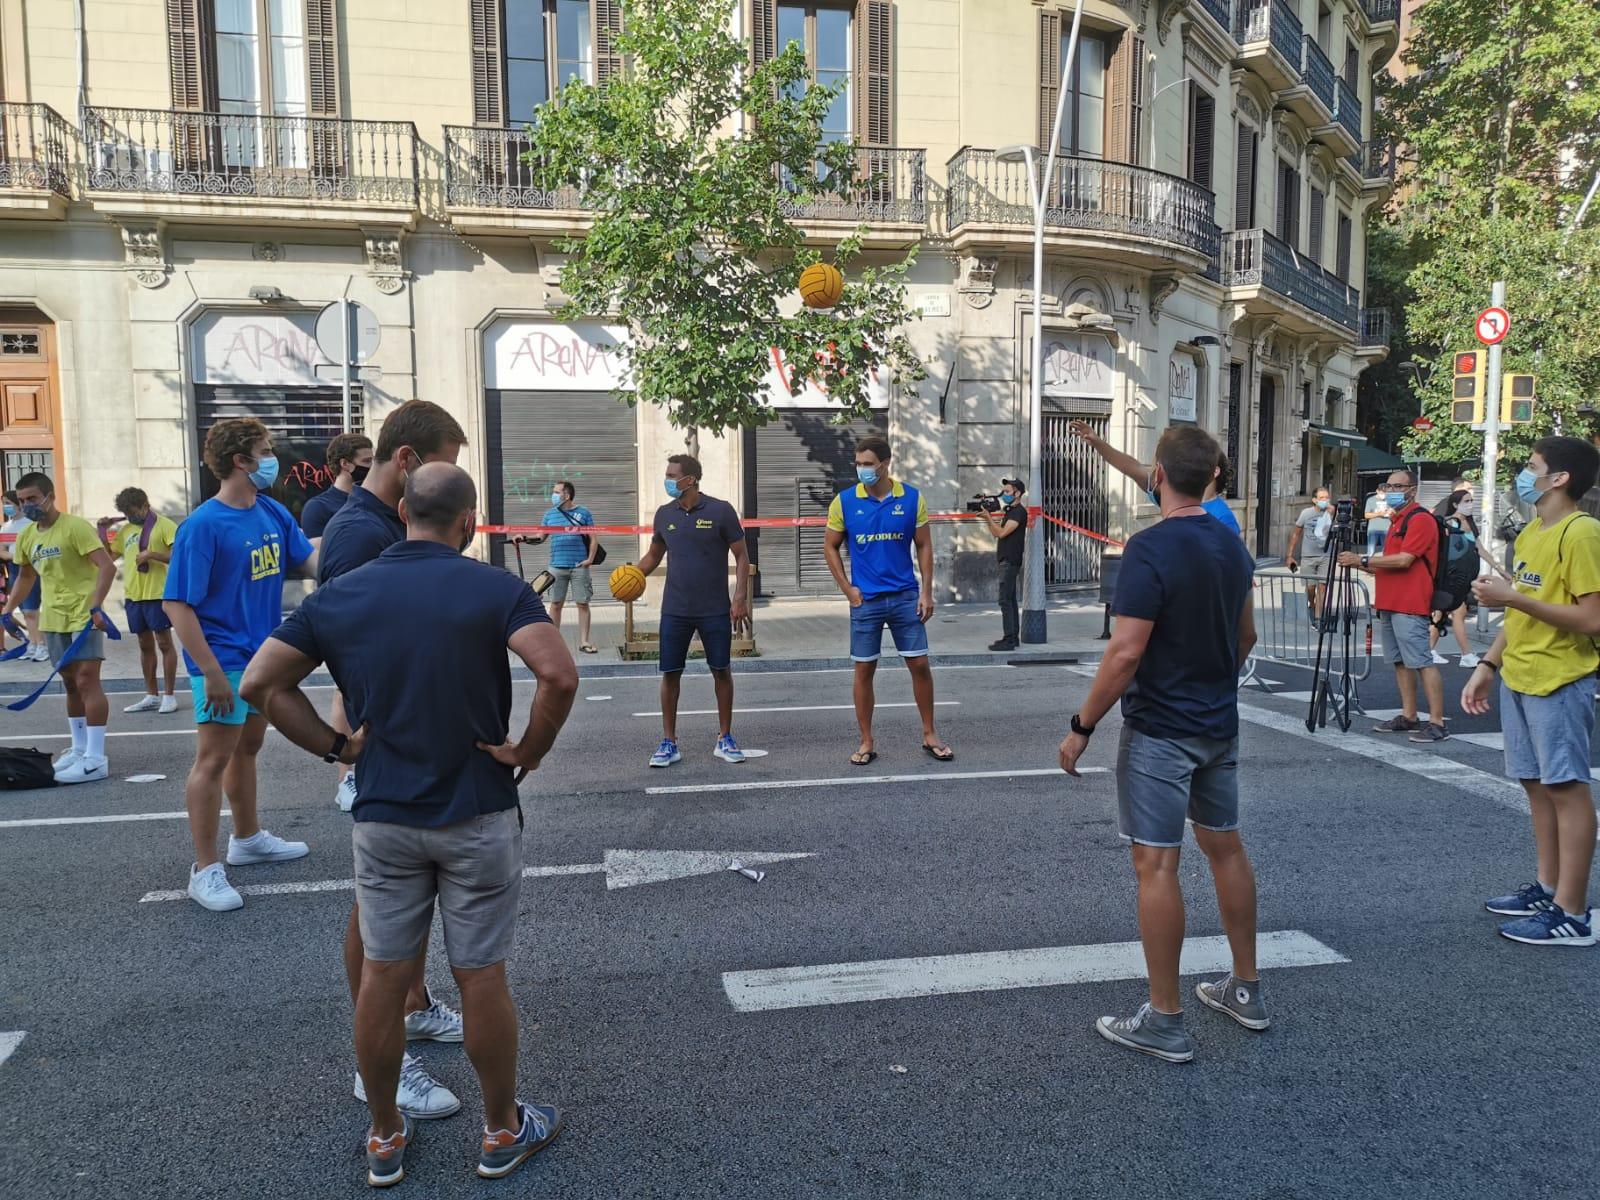 Jugadors de waterpolo es passen una pilota   Joan Pol Alcaraz